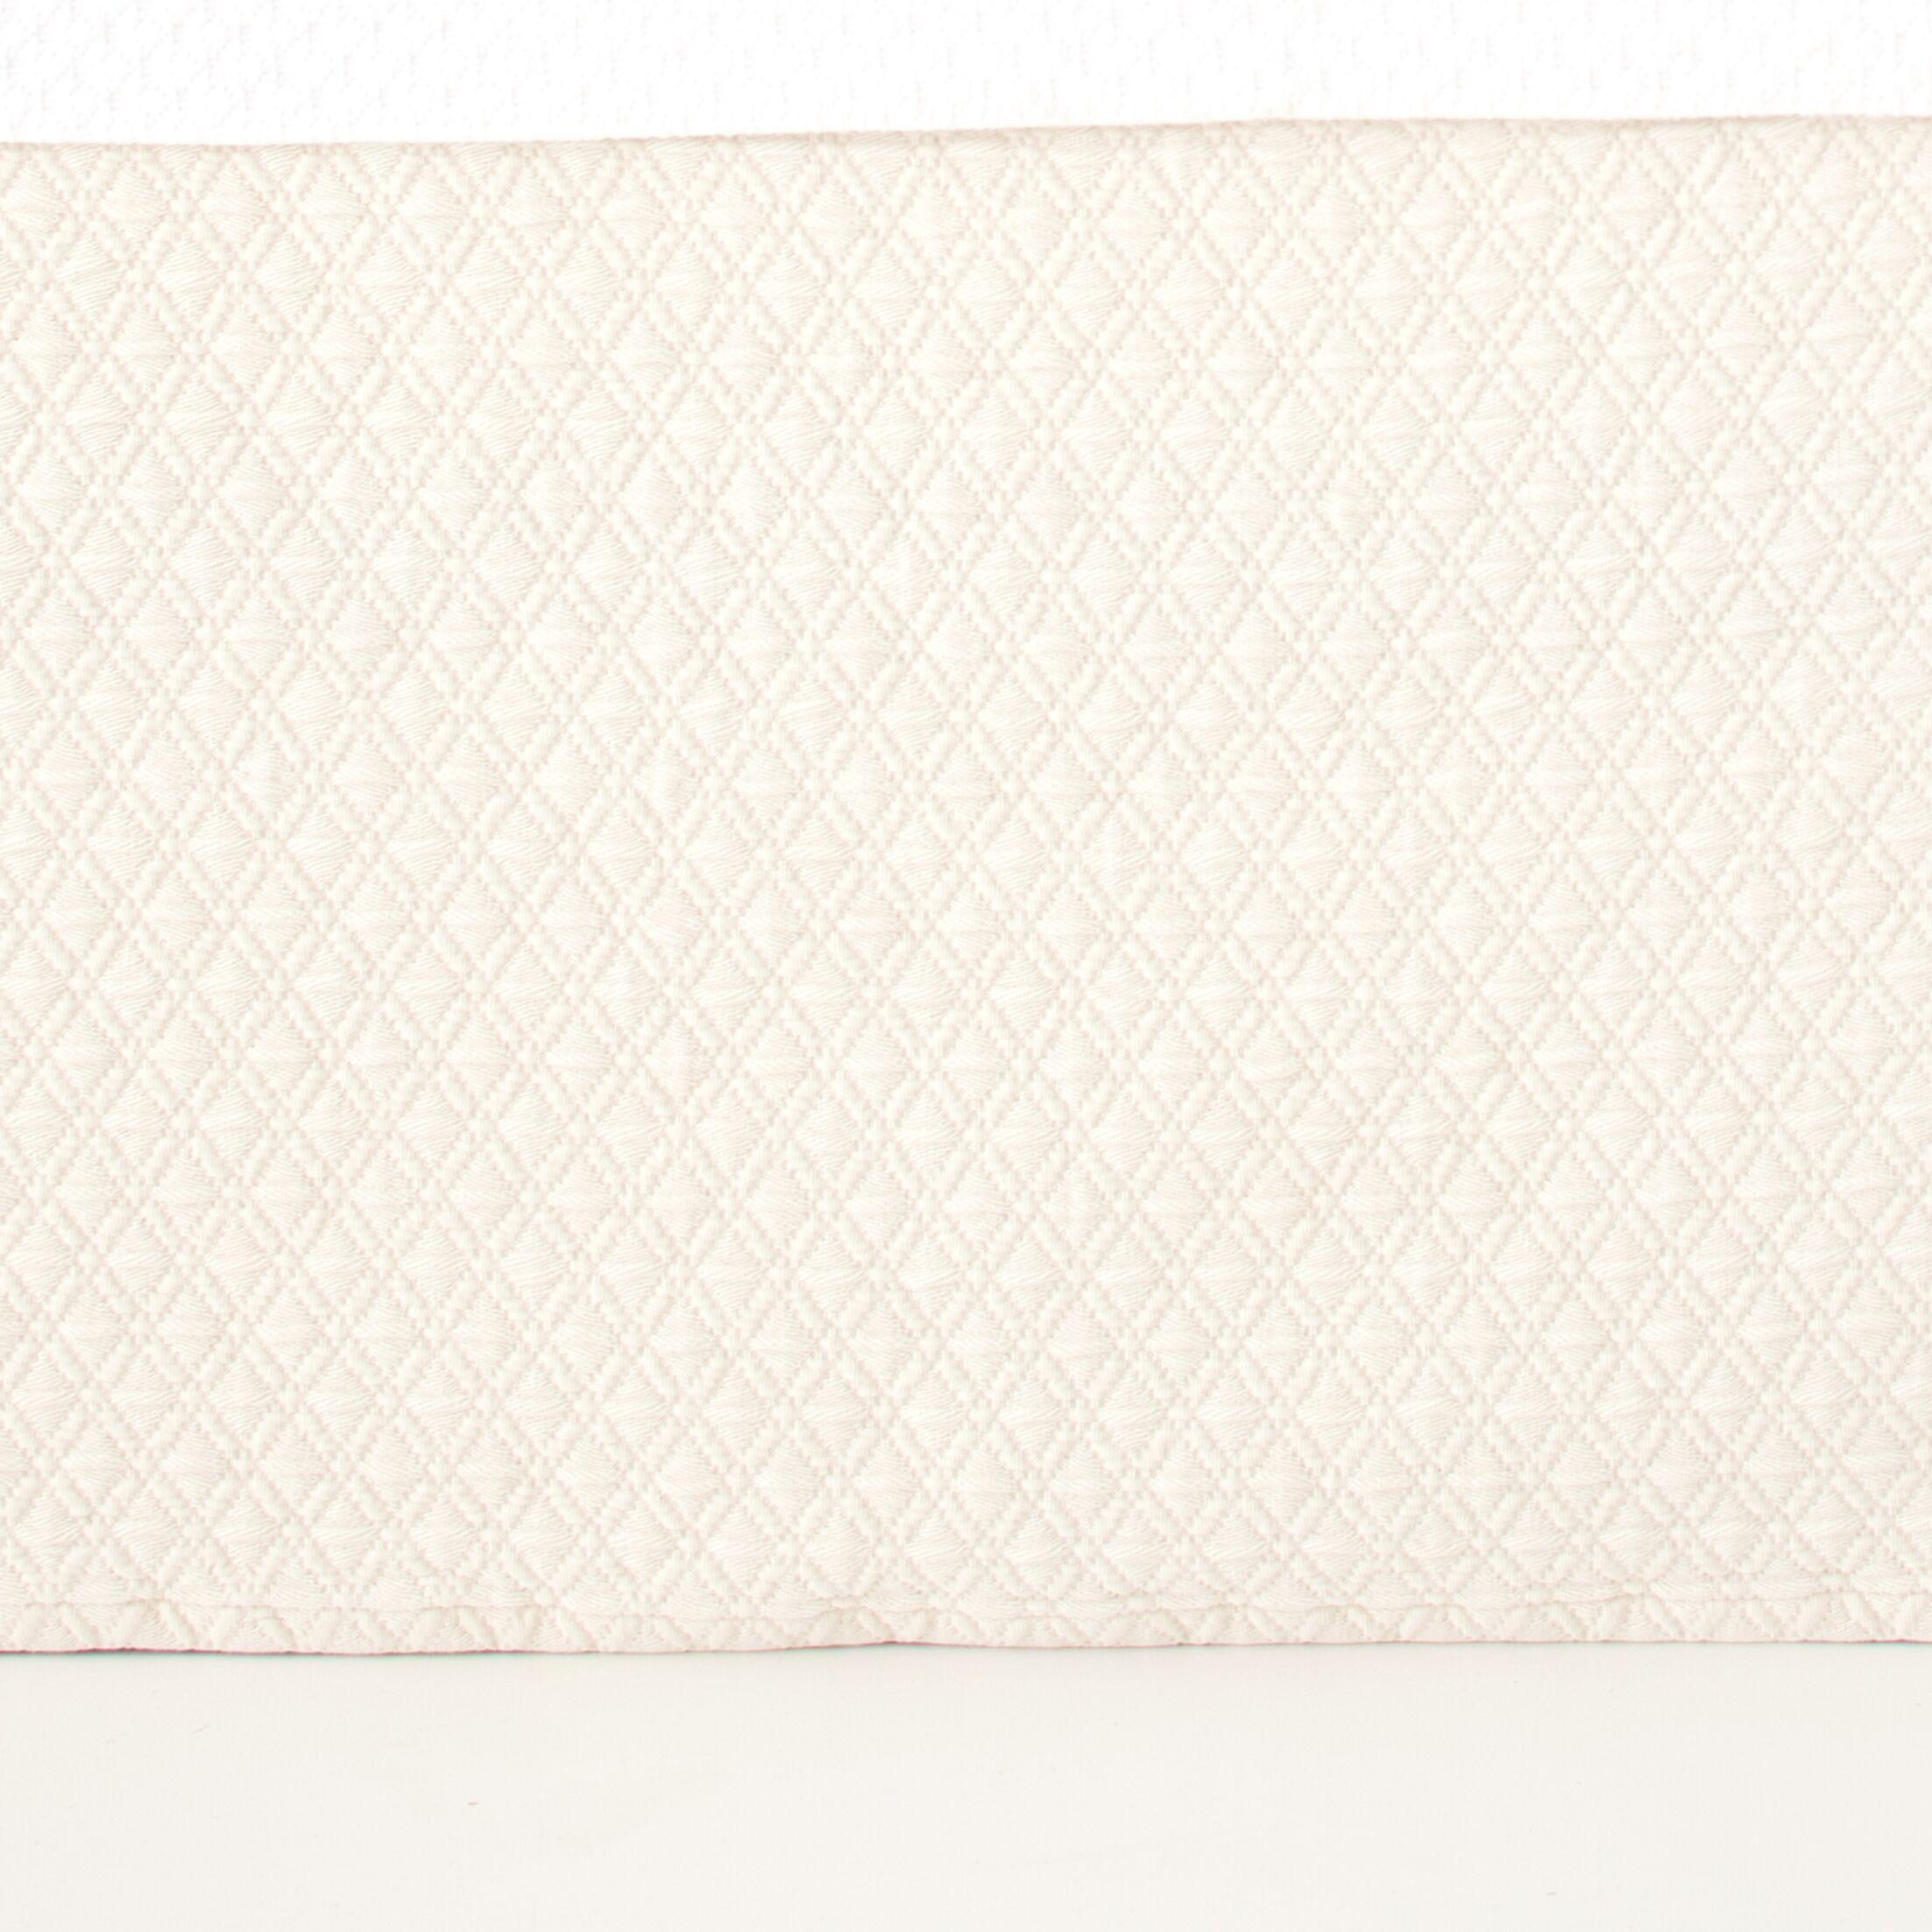 Diamond Matelasse Bed Skirt Size: Full, Color: Ivory